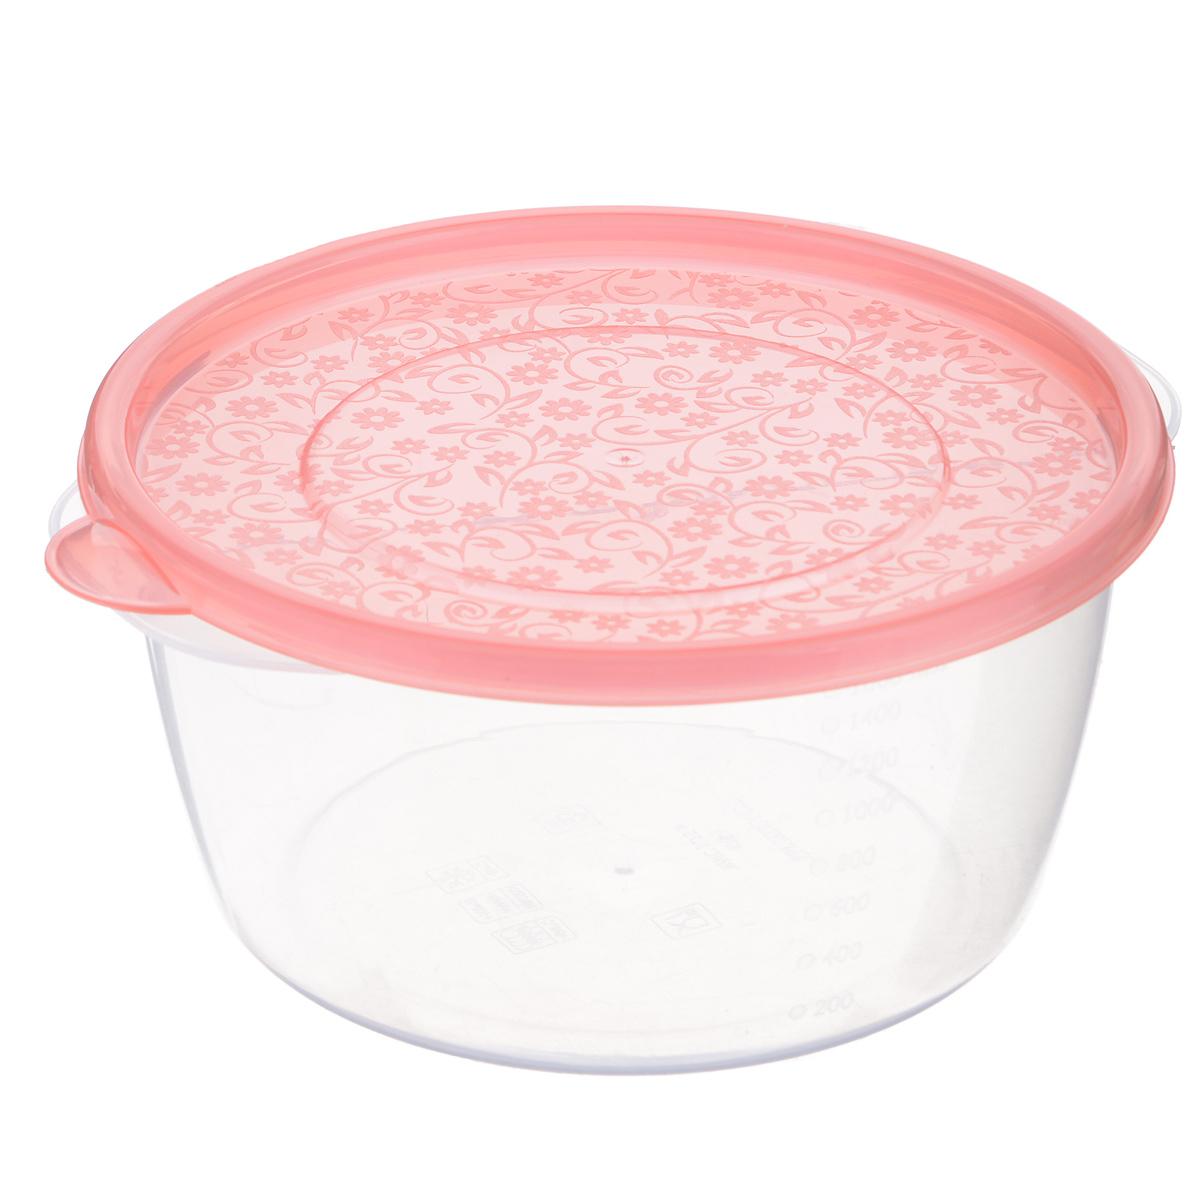 Контейнер Phibo Арт-Декор, цвет: коралловый, 1,75 л4630003364517Контейнер Phibo Арт-Декор изготовлен из высококачественного полипропилена и не содержит Бисфенол А. Крышка легко и плотно закрывается, украшена узором в виде цветков. Контейнер устойчив к воздействию масел и жиров, легко моется.Подходит для использования в микроволновых печах при температуре до +100°С, выдерживает хранение в морозильной камере при температуре -24°С, его можно мыть в посудомоечной машине при температуре до +95°С.